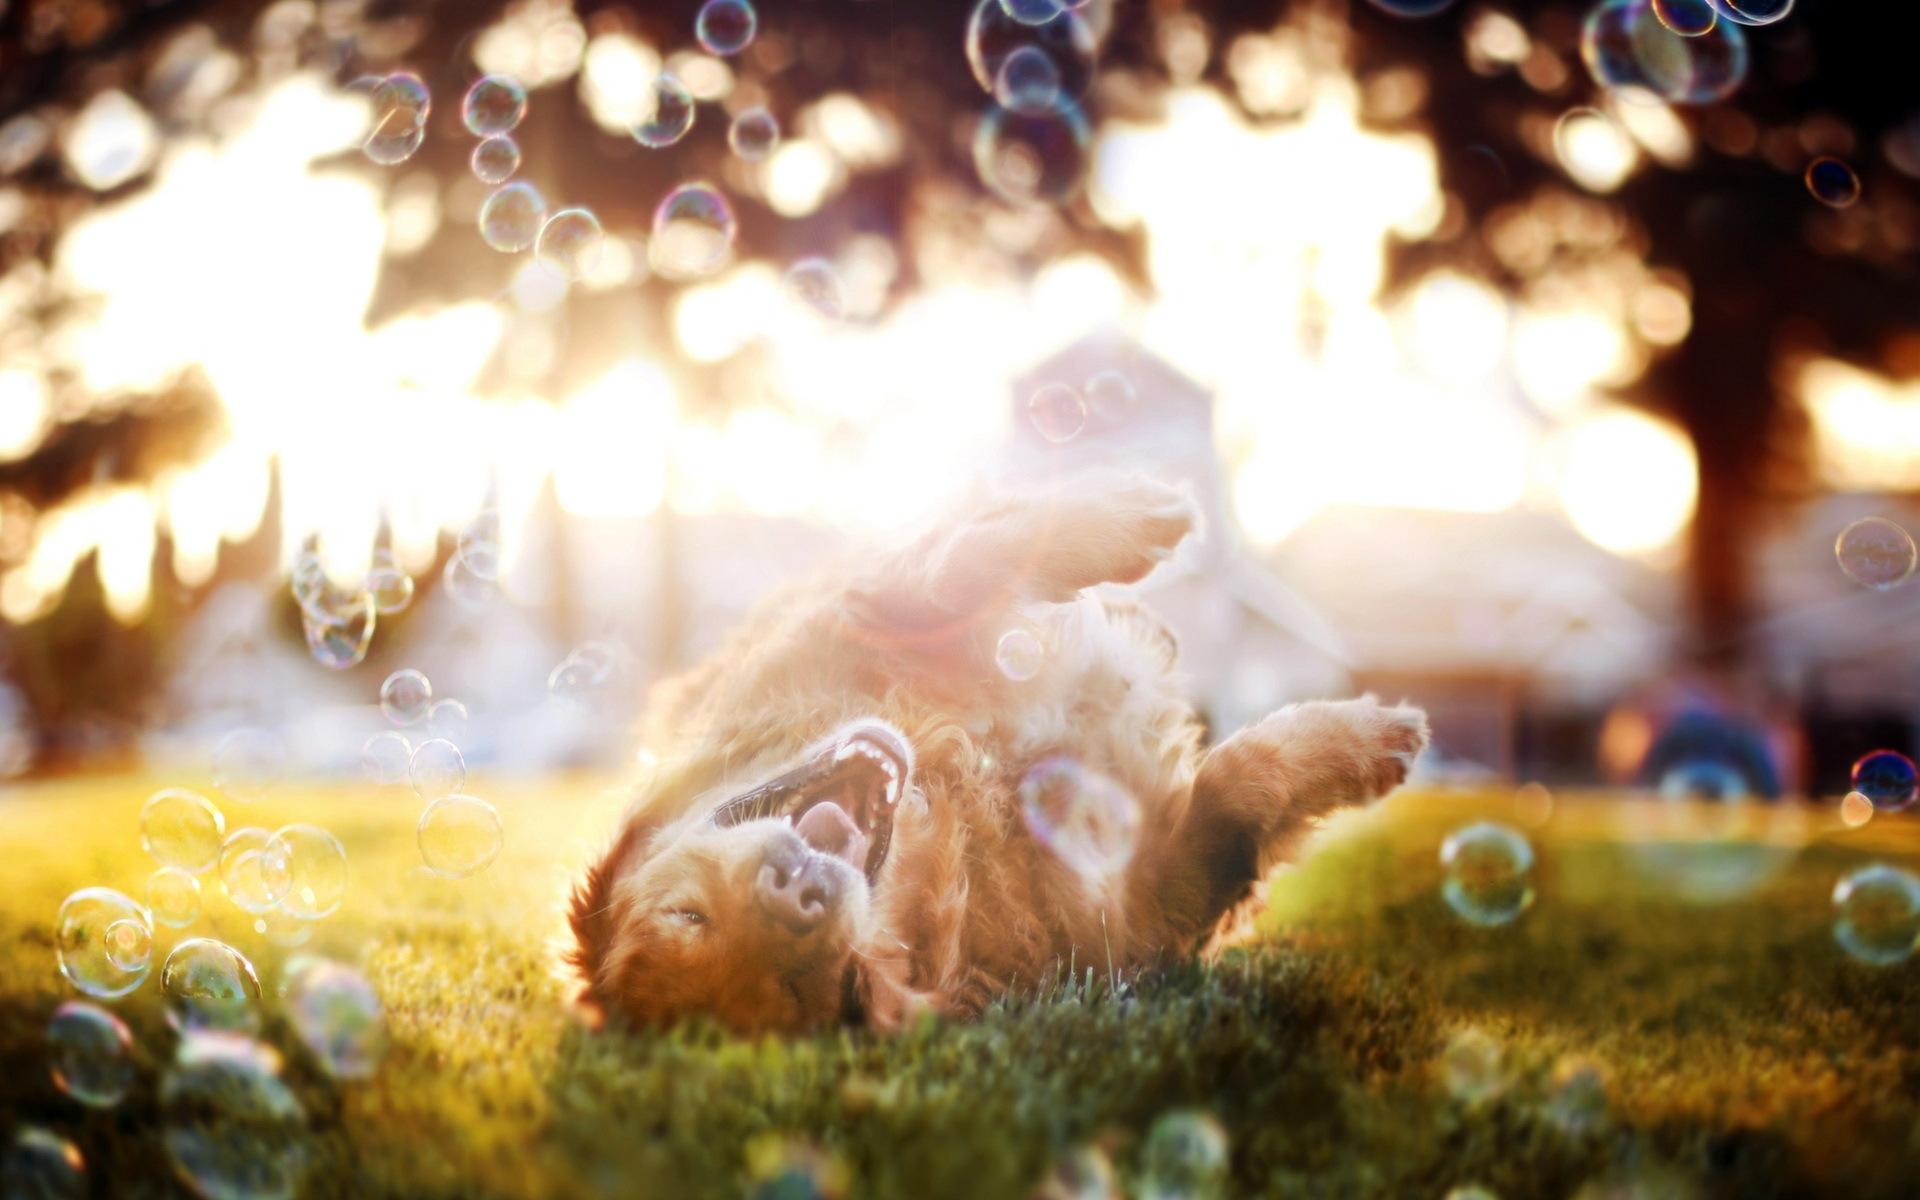 desktop happy friday dog images wallpaper | free images at clker